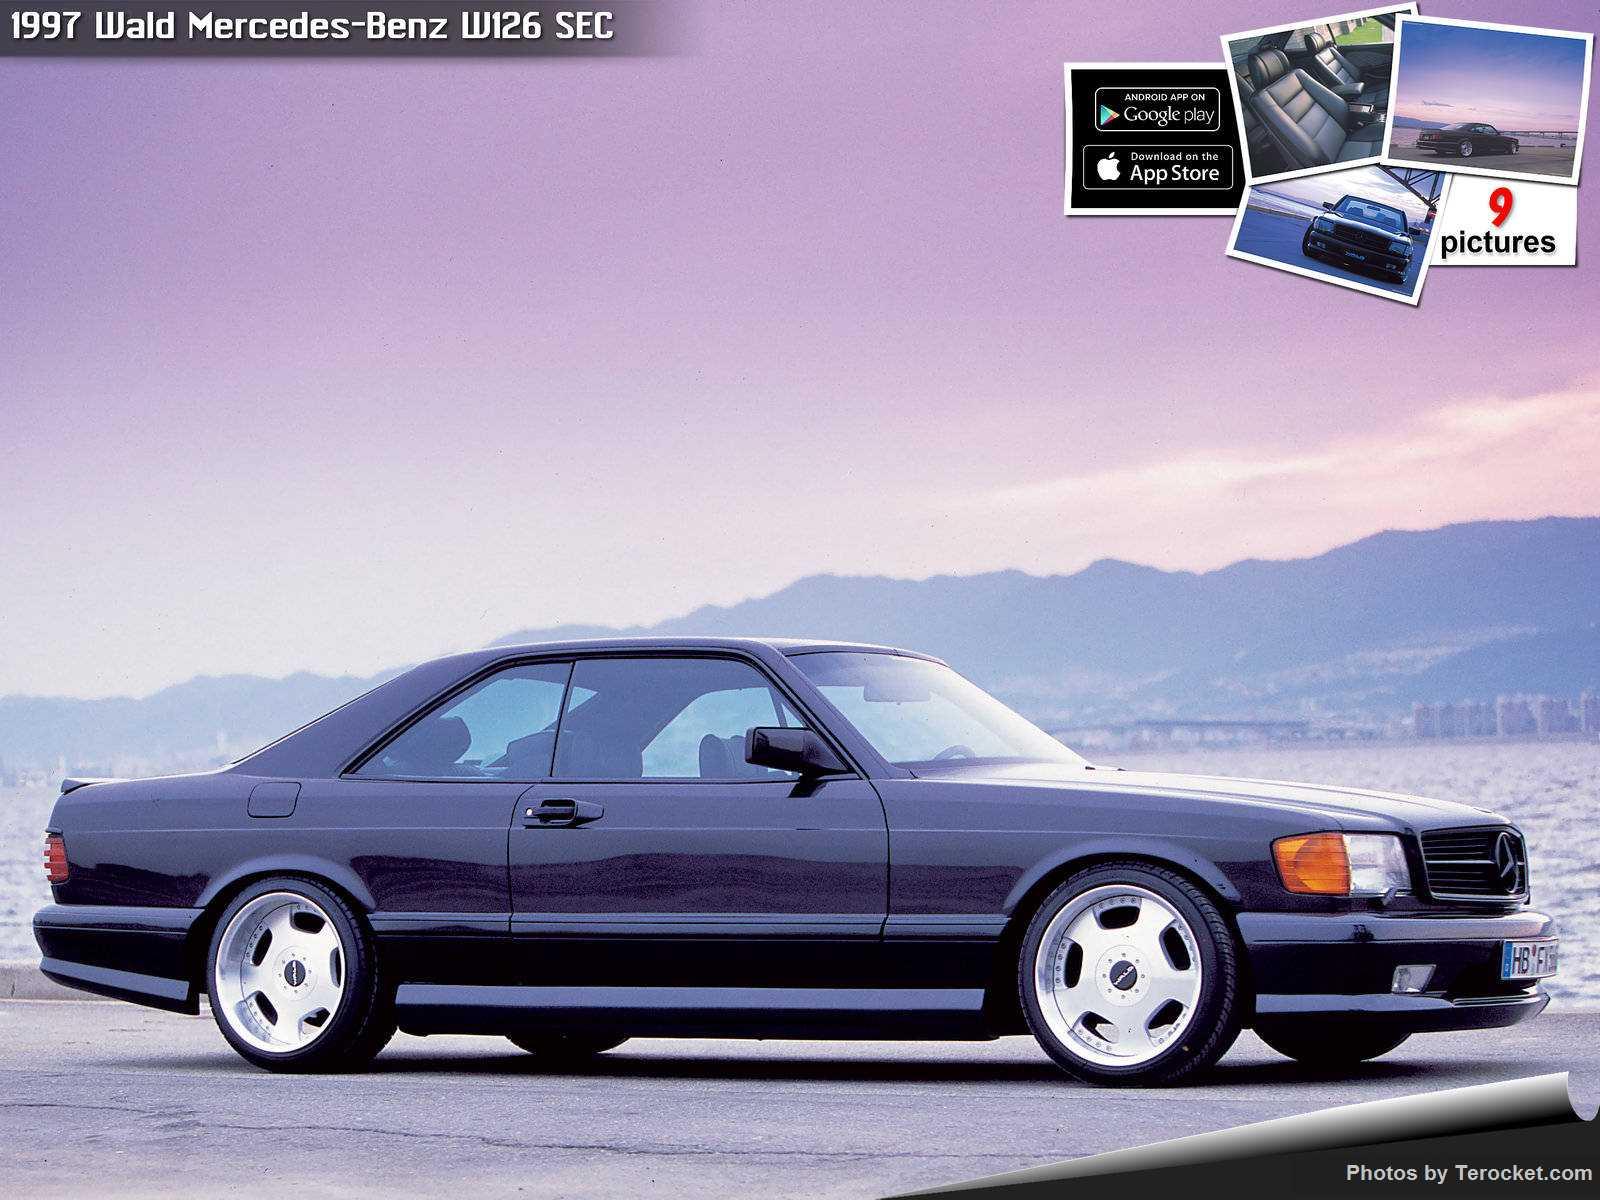 Hình ảnh xe độ Wald Mercedes-Benz W126 SEC 1997 & nội ngoại thất